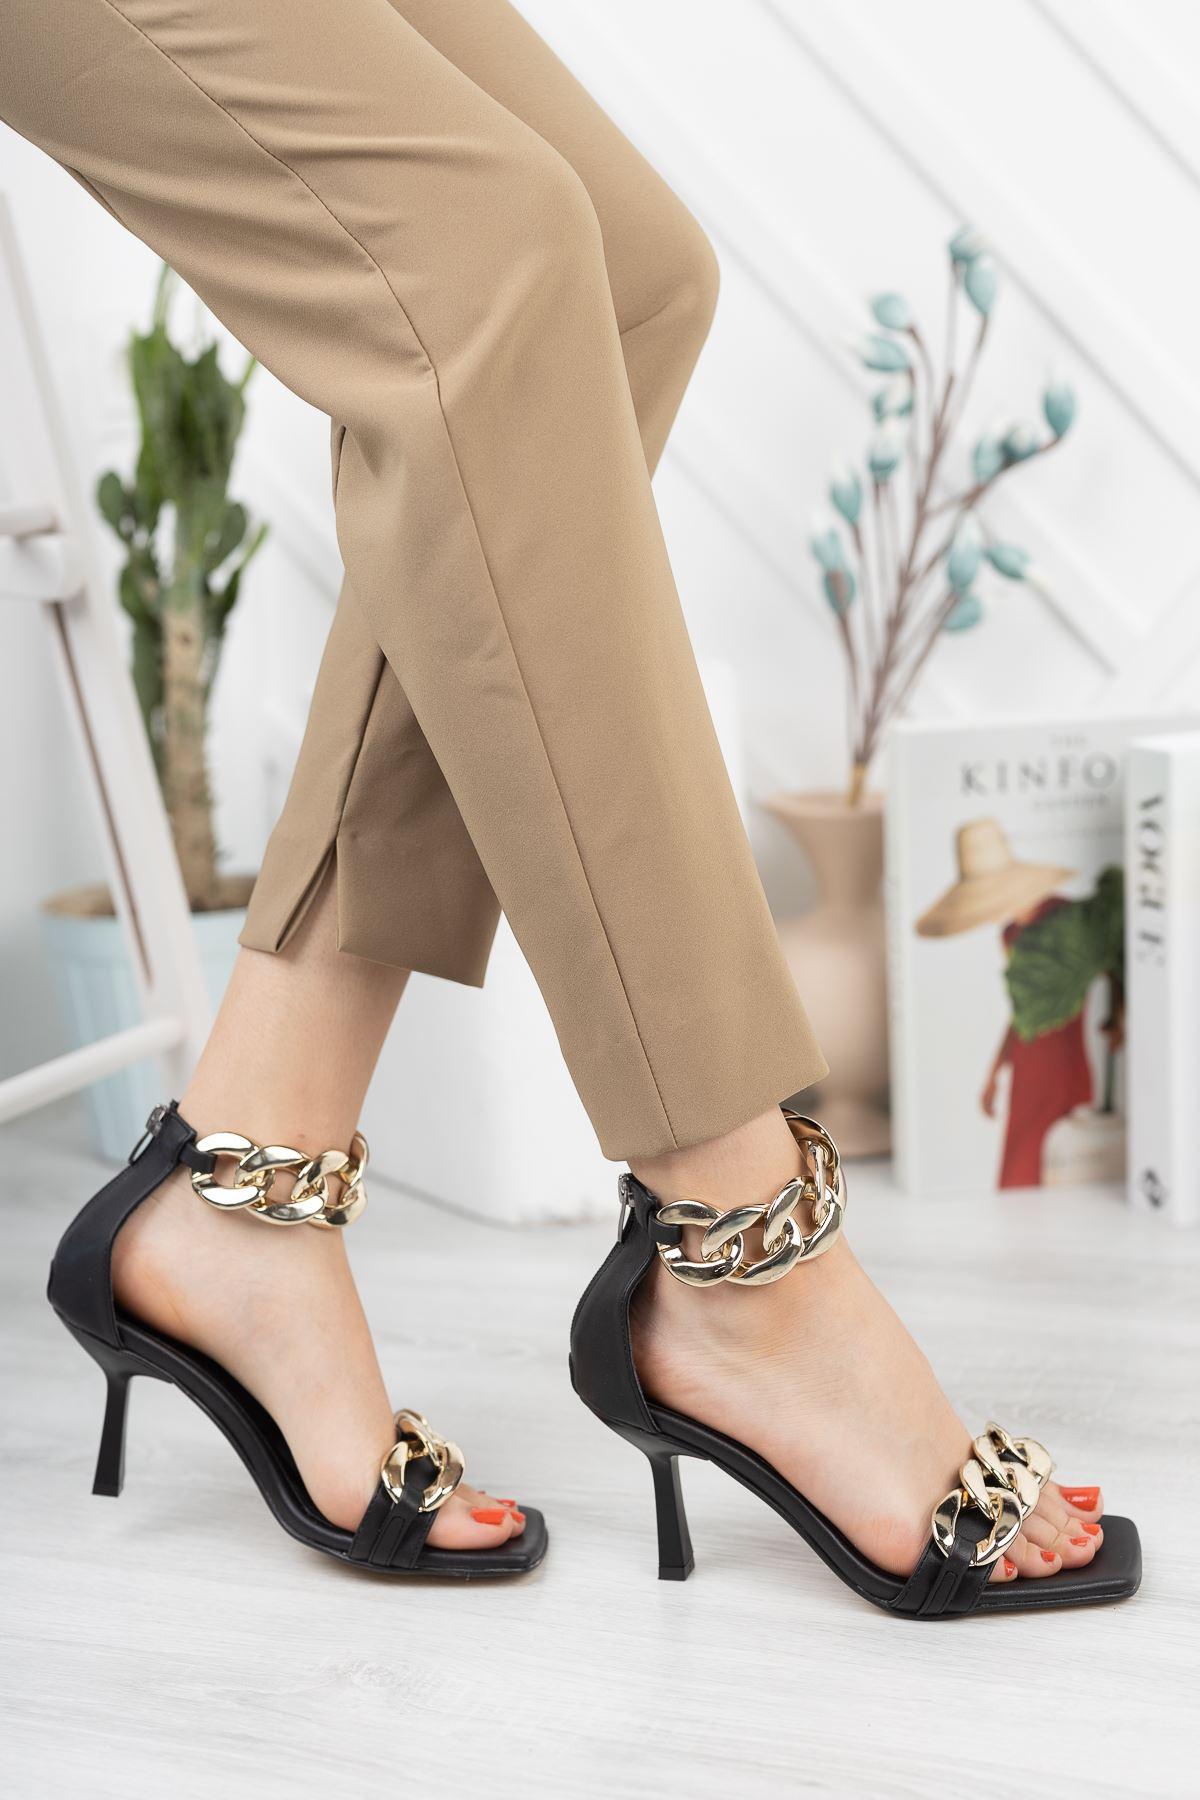 Siyah Zincir Detaylı İnce Topuklu Ayakkabı